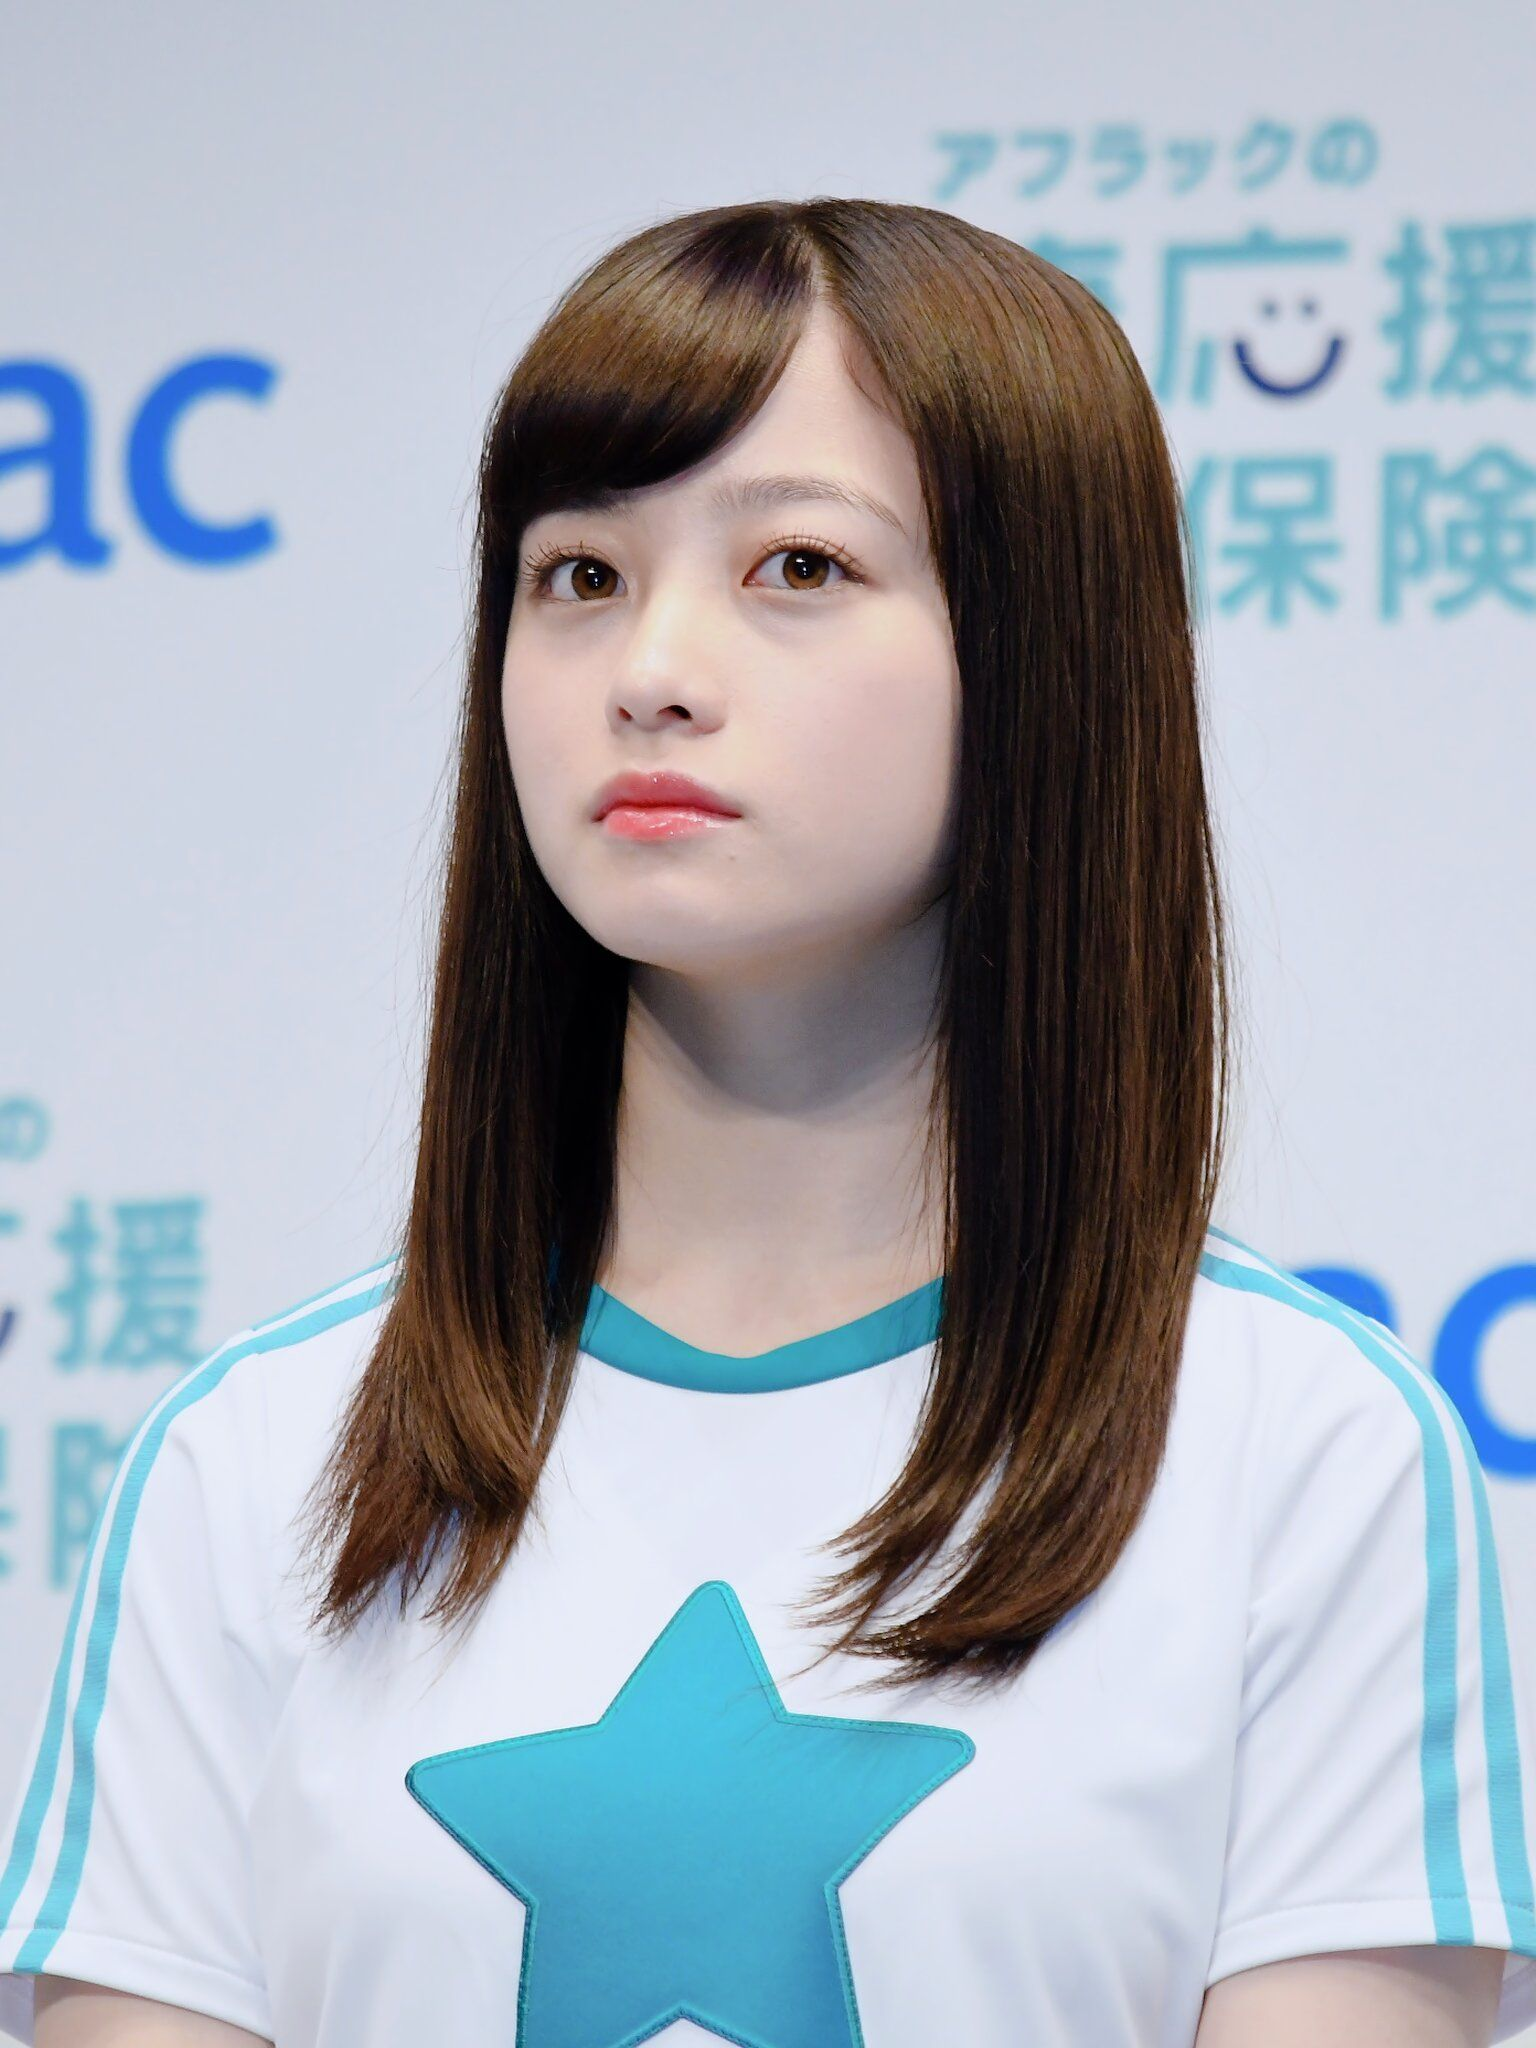 ボード Kanna Hashimoto 2 のピン